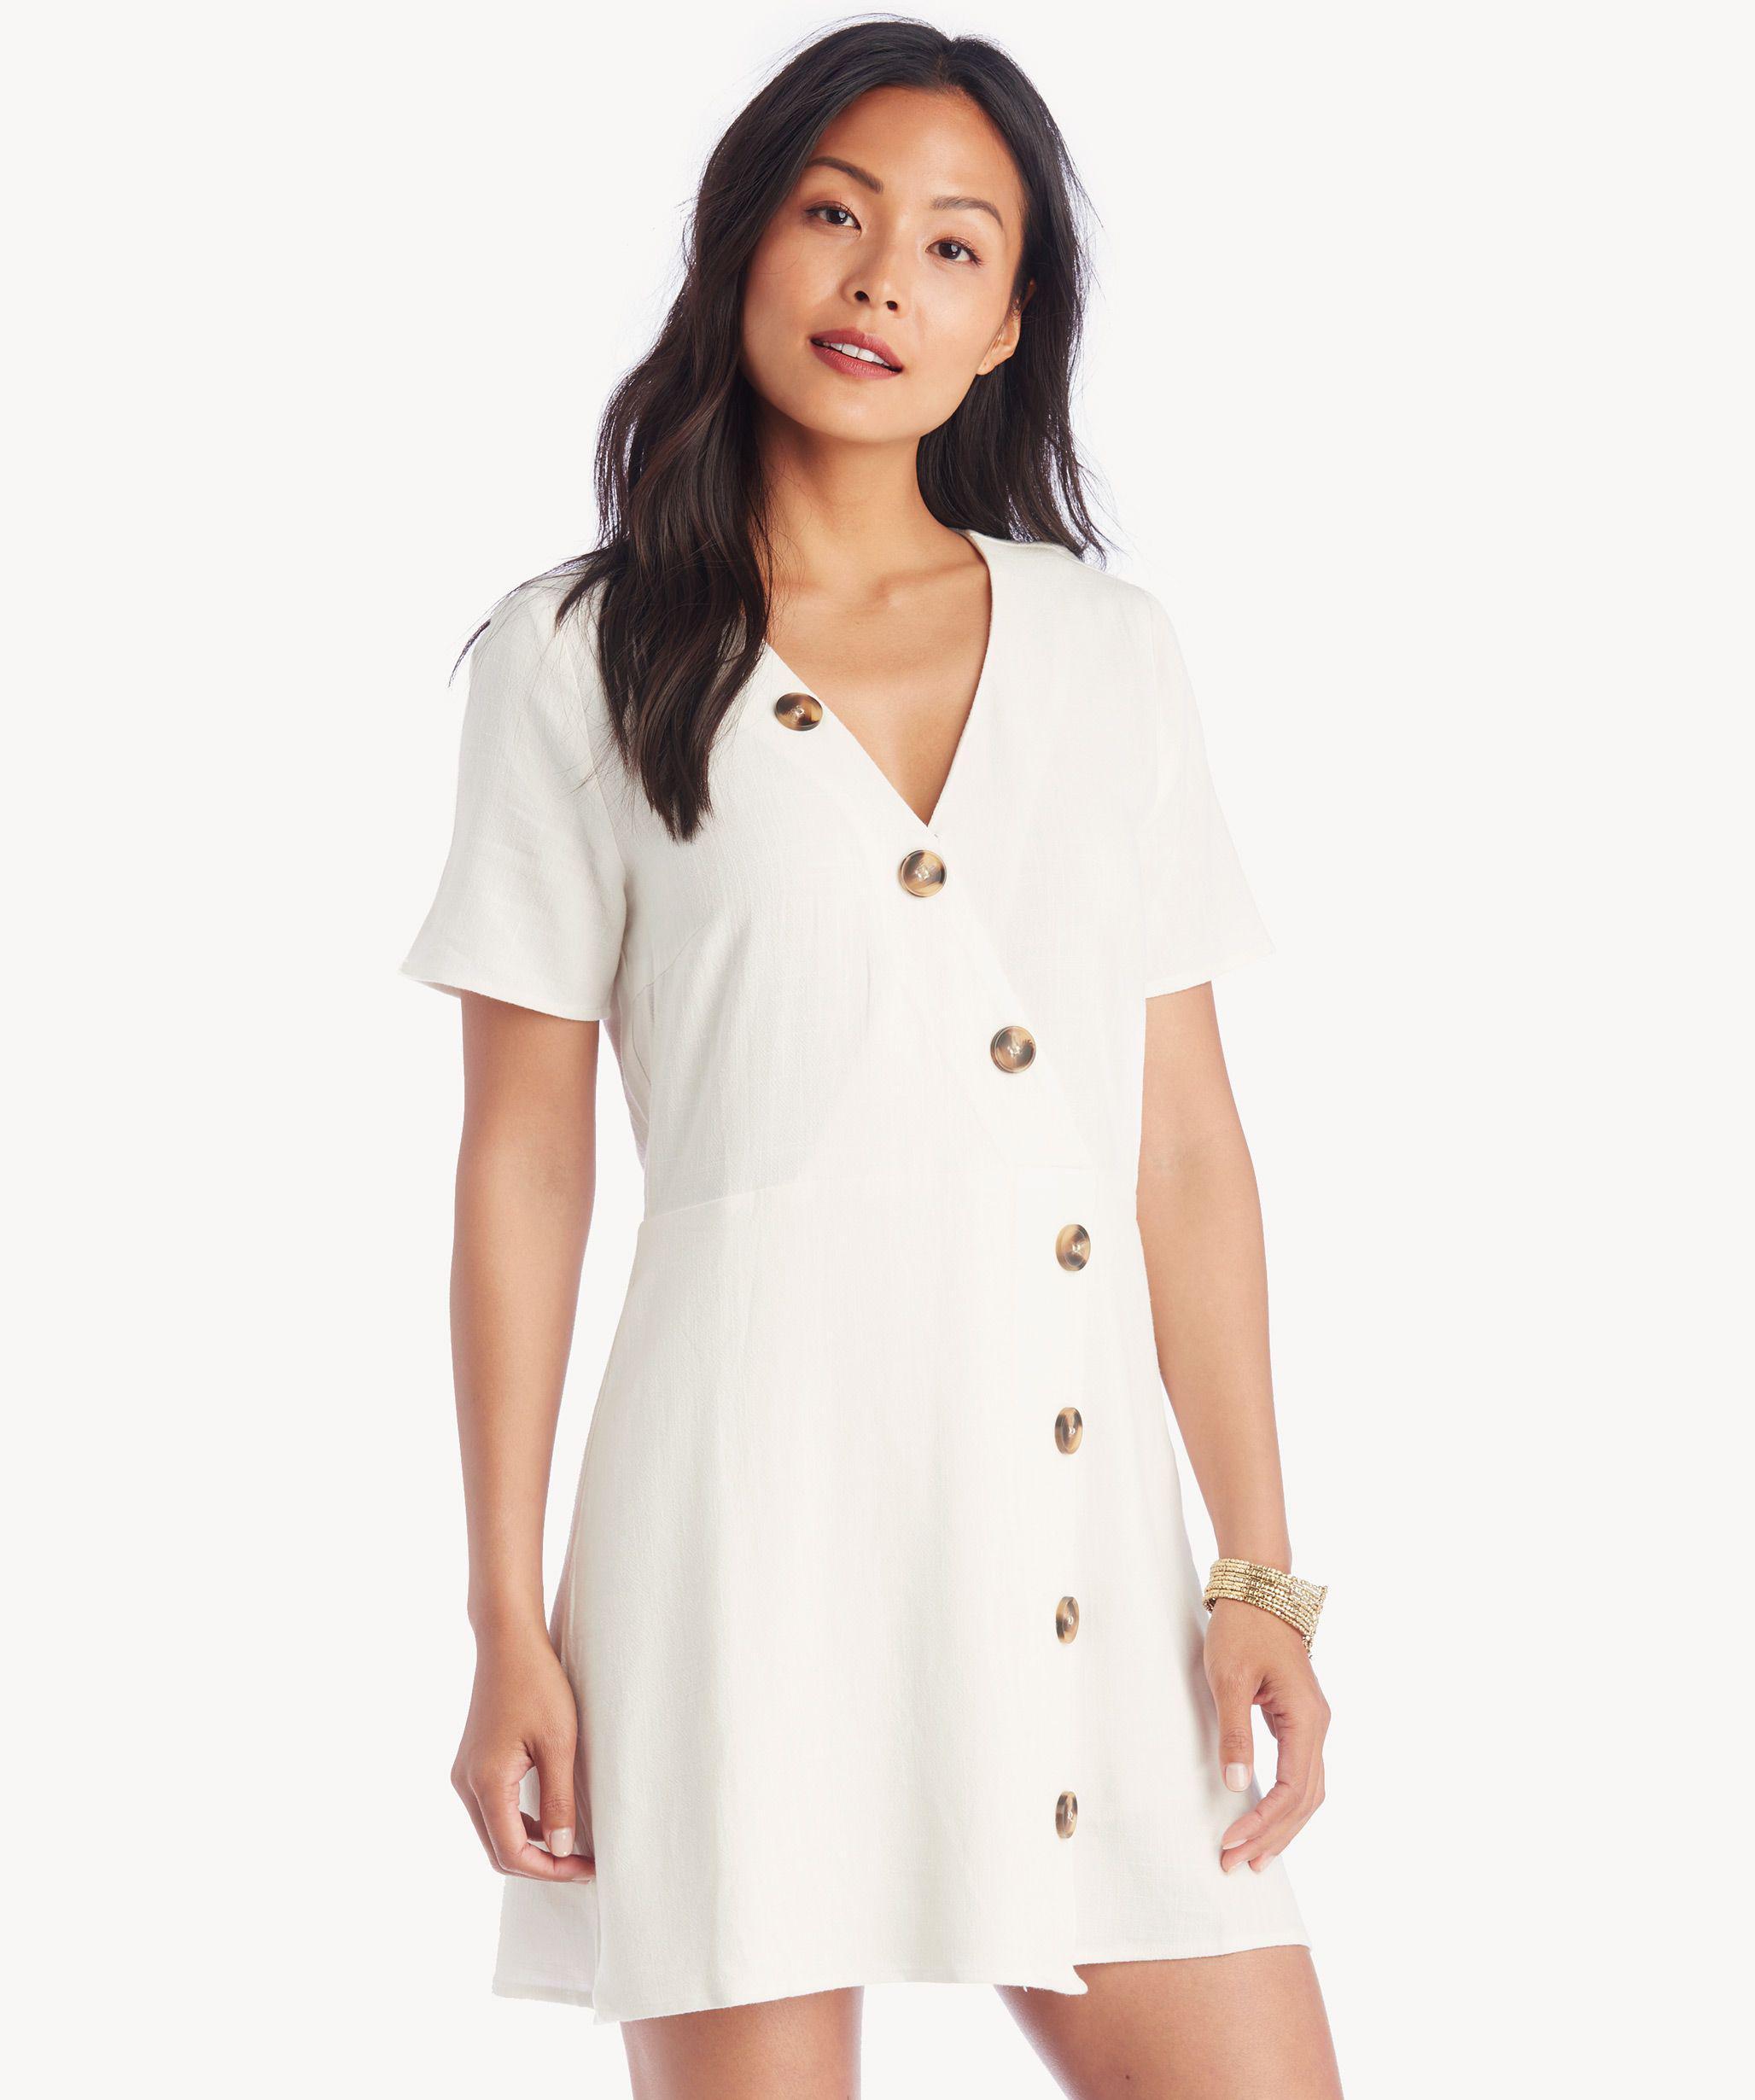 91bd8c76cf9 Moon River Asymmetrical Button Dress in White - Lyst